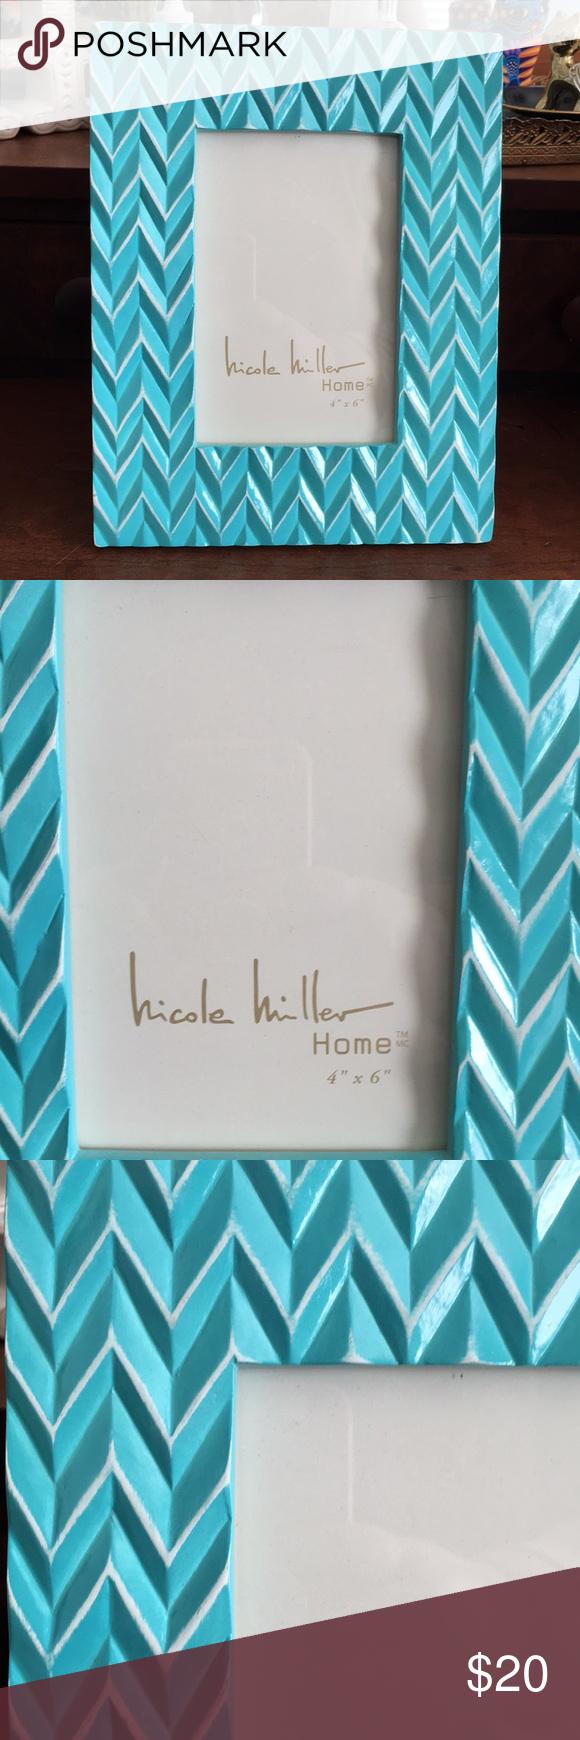 Nicole Miller Home Photo Frame Valoblogicom